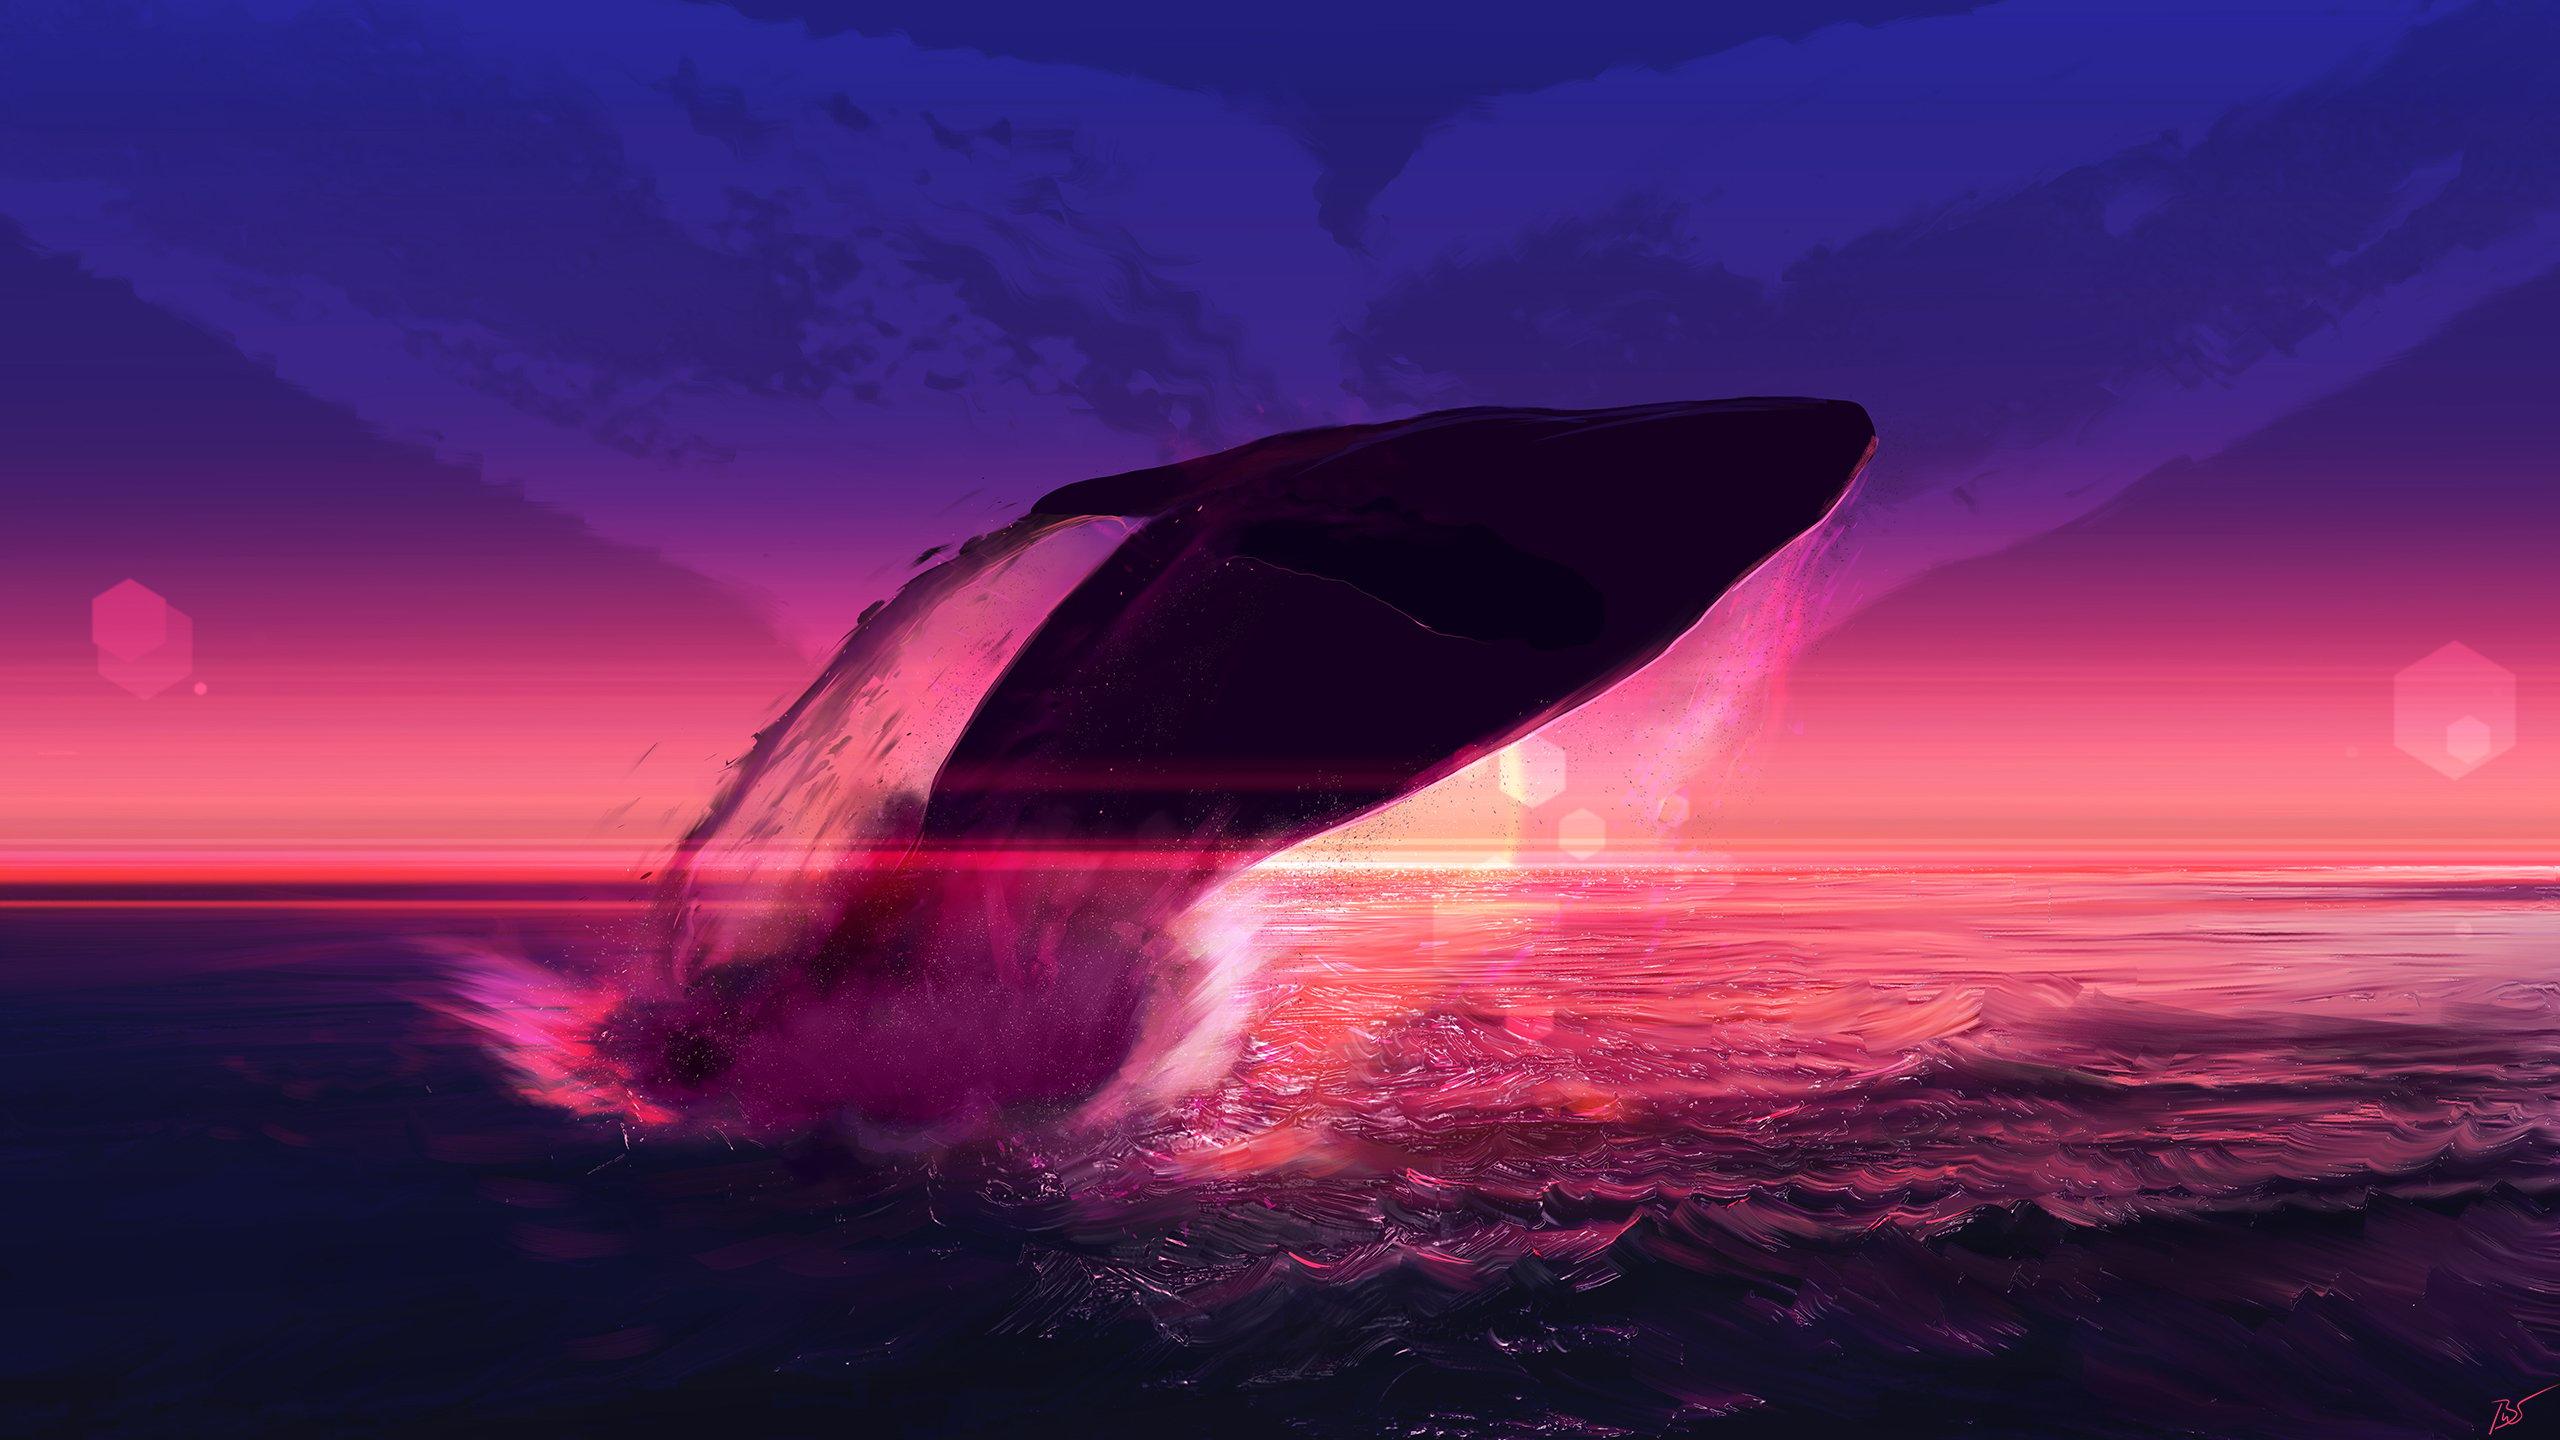 Fondos de pantalla Ballena saltando en el océano